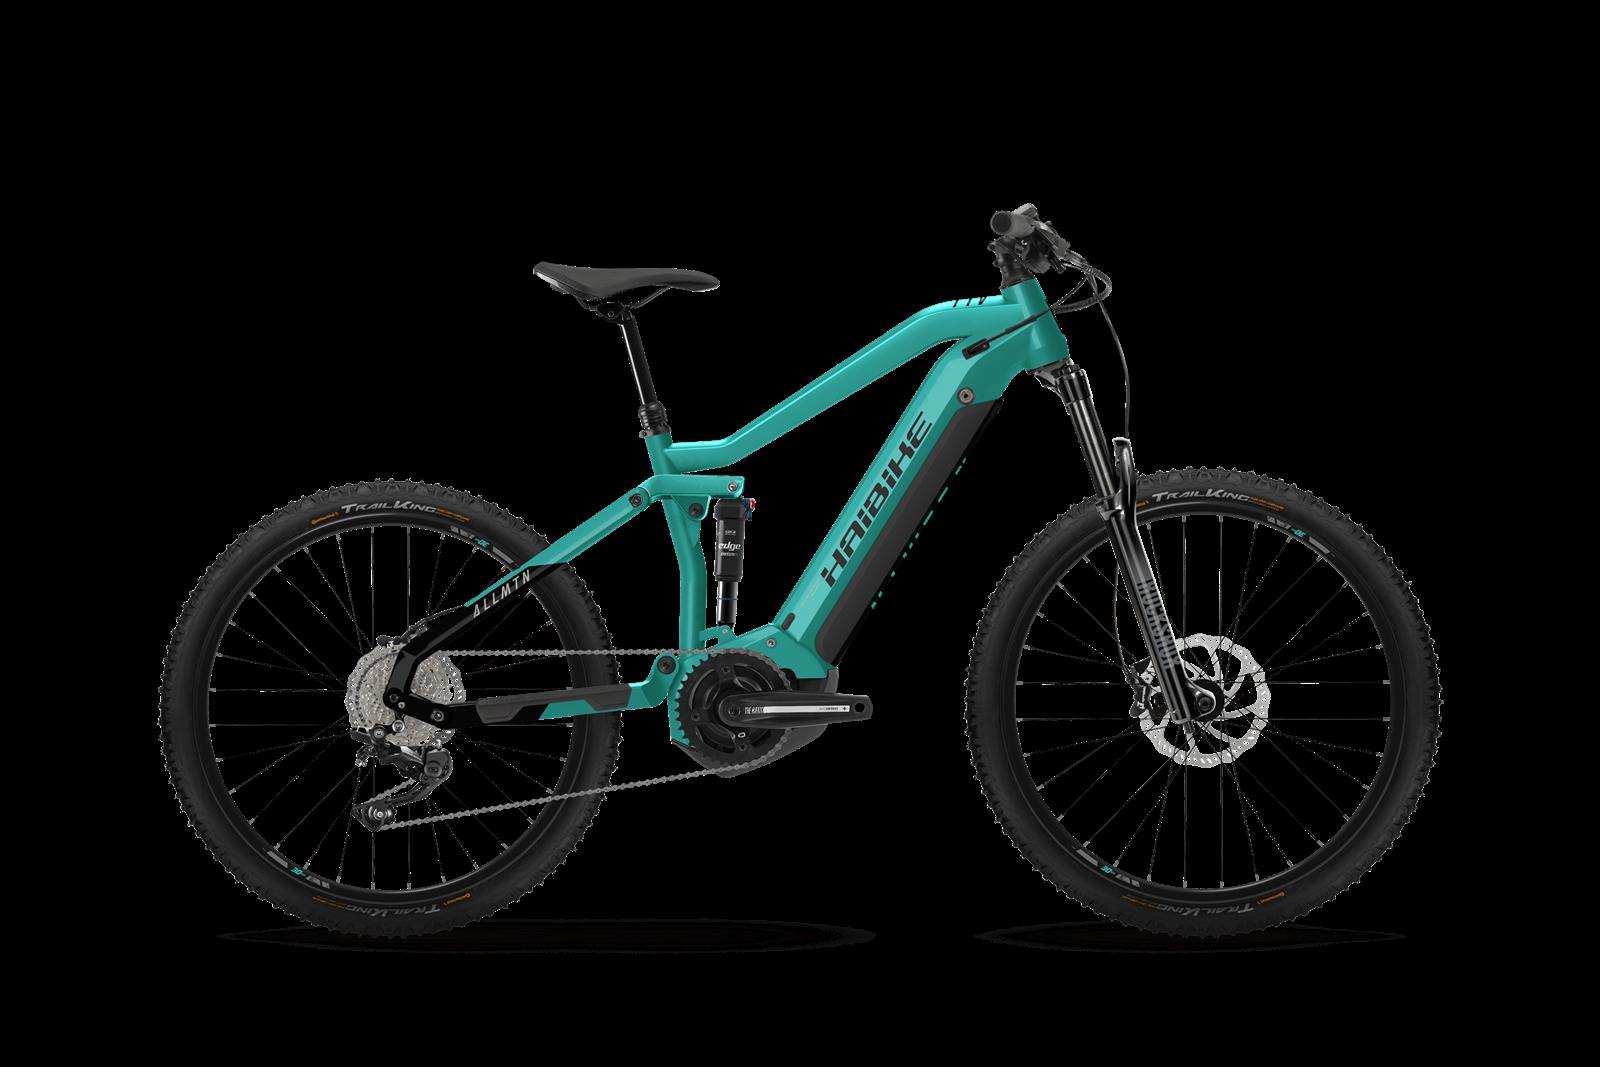 HAIBIKE AllMtn 1 MTB pedelec kerékpár - akvamarin - M (2021)